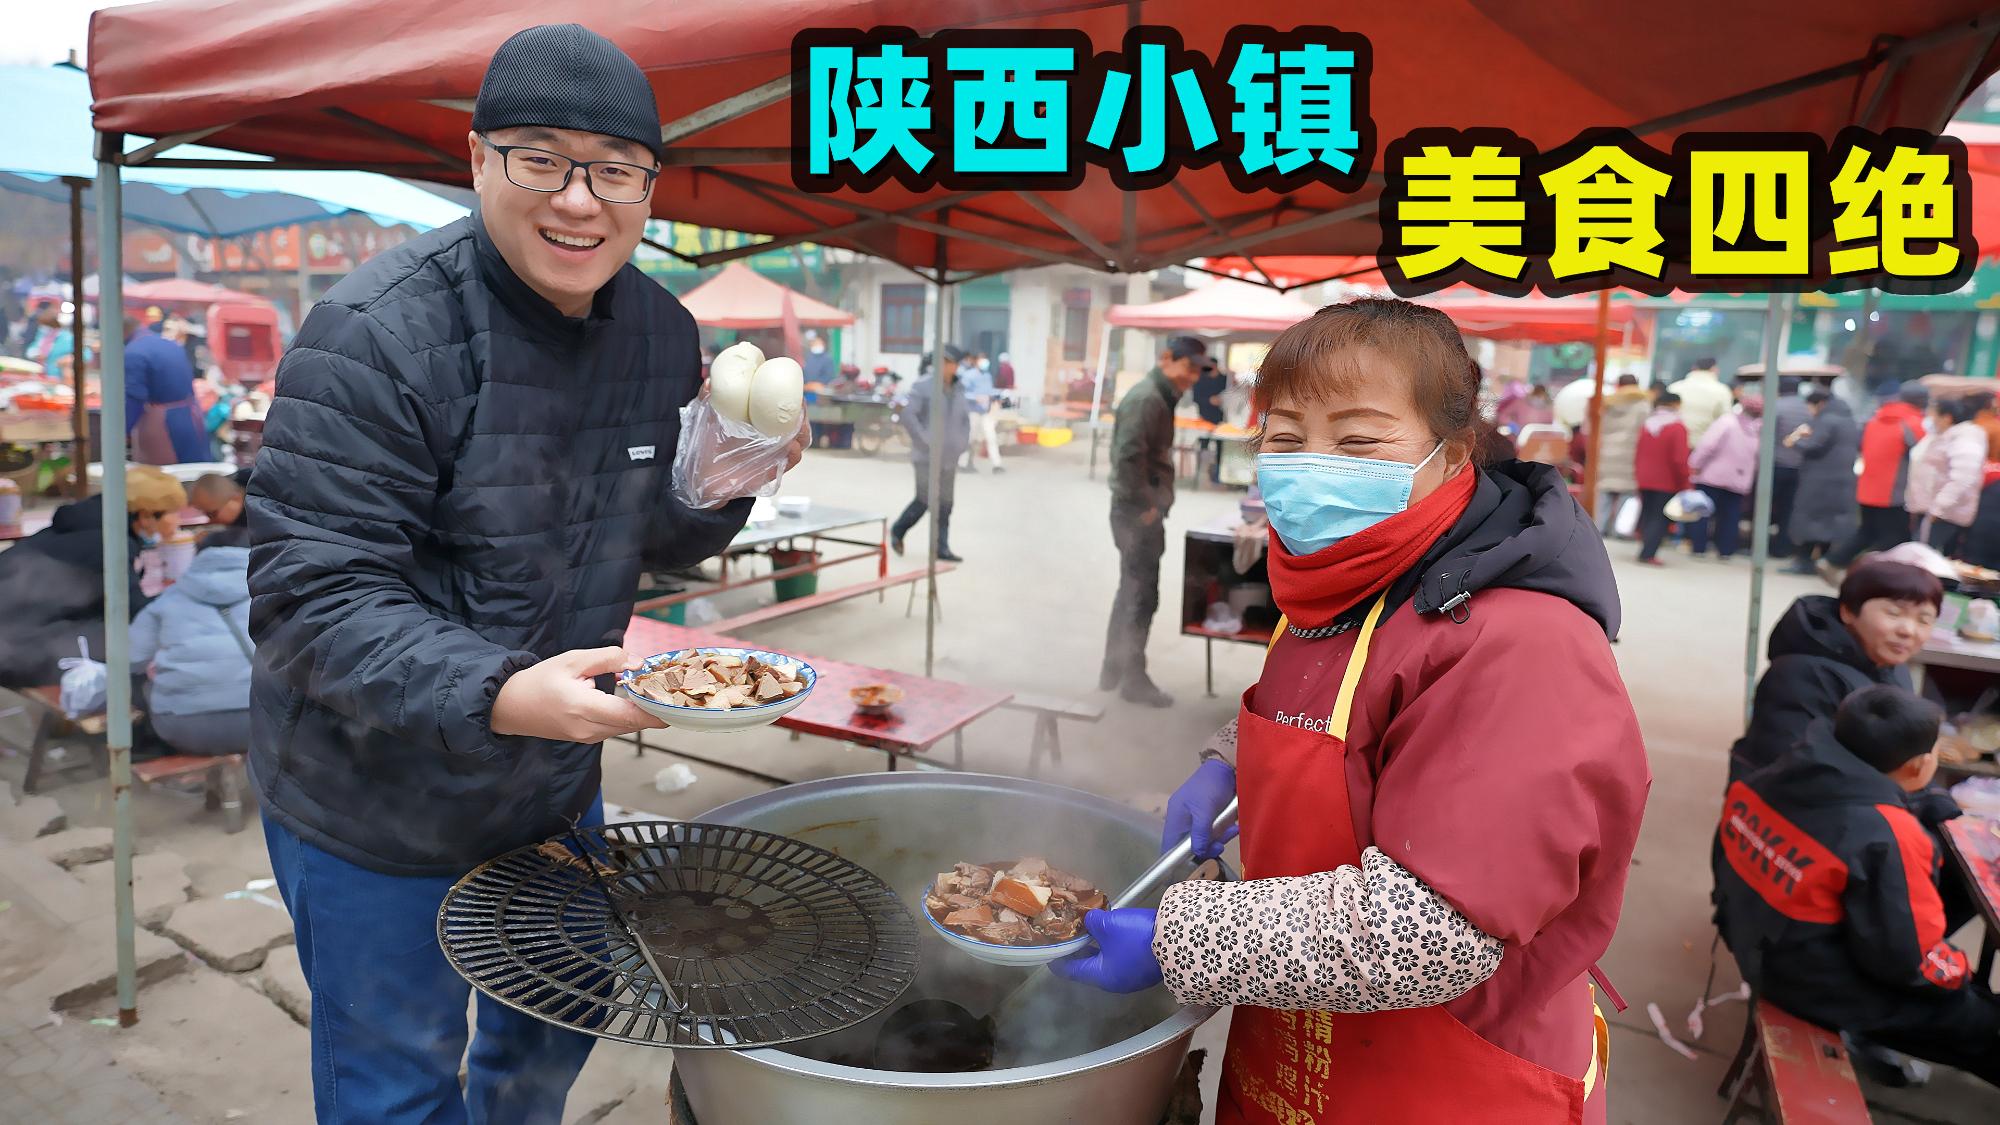 陕西关中临平镇,乡村美食4绝,阿星吃羊肉泡馍,3代传承腊汁肉